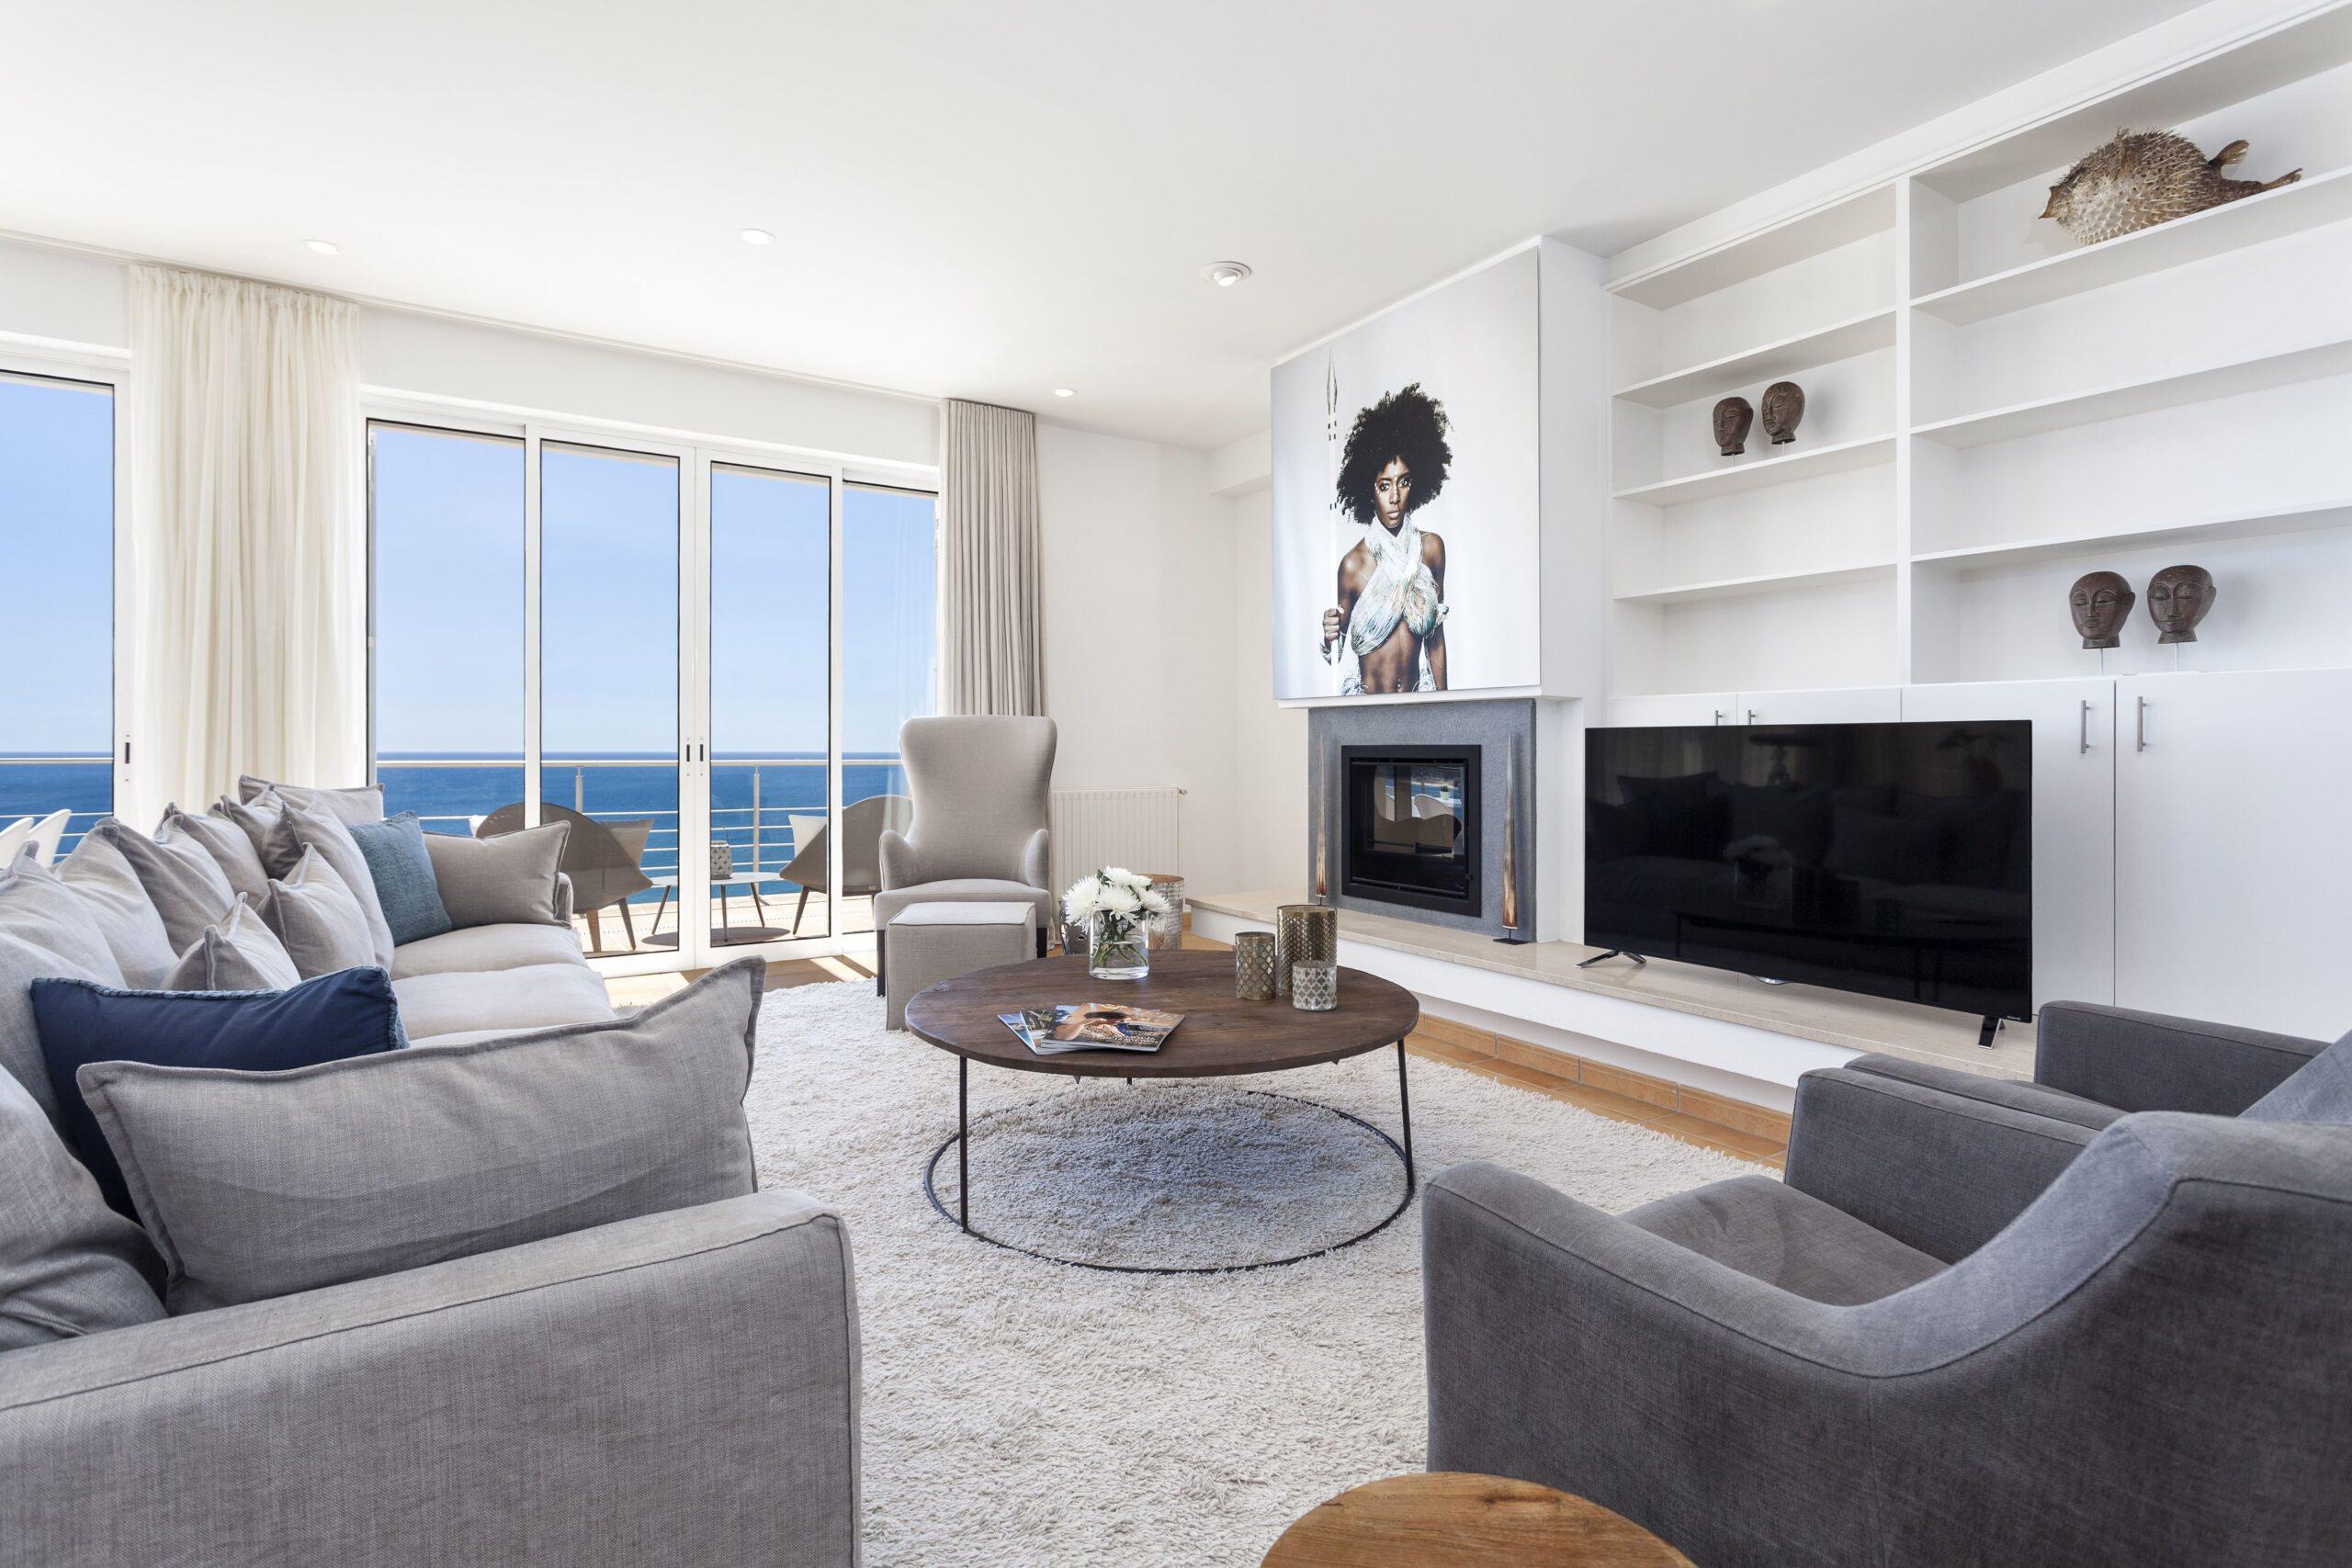 Villa Mar à Vista - Living room